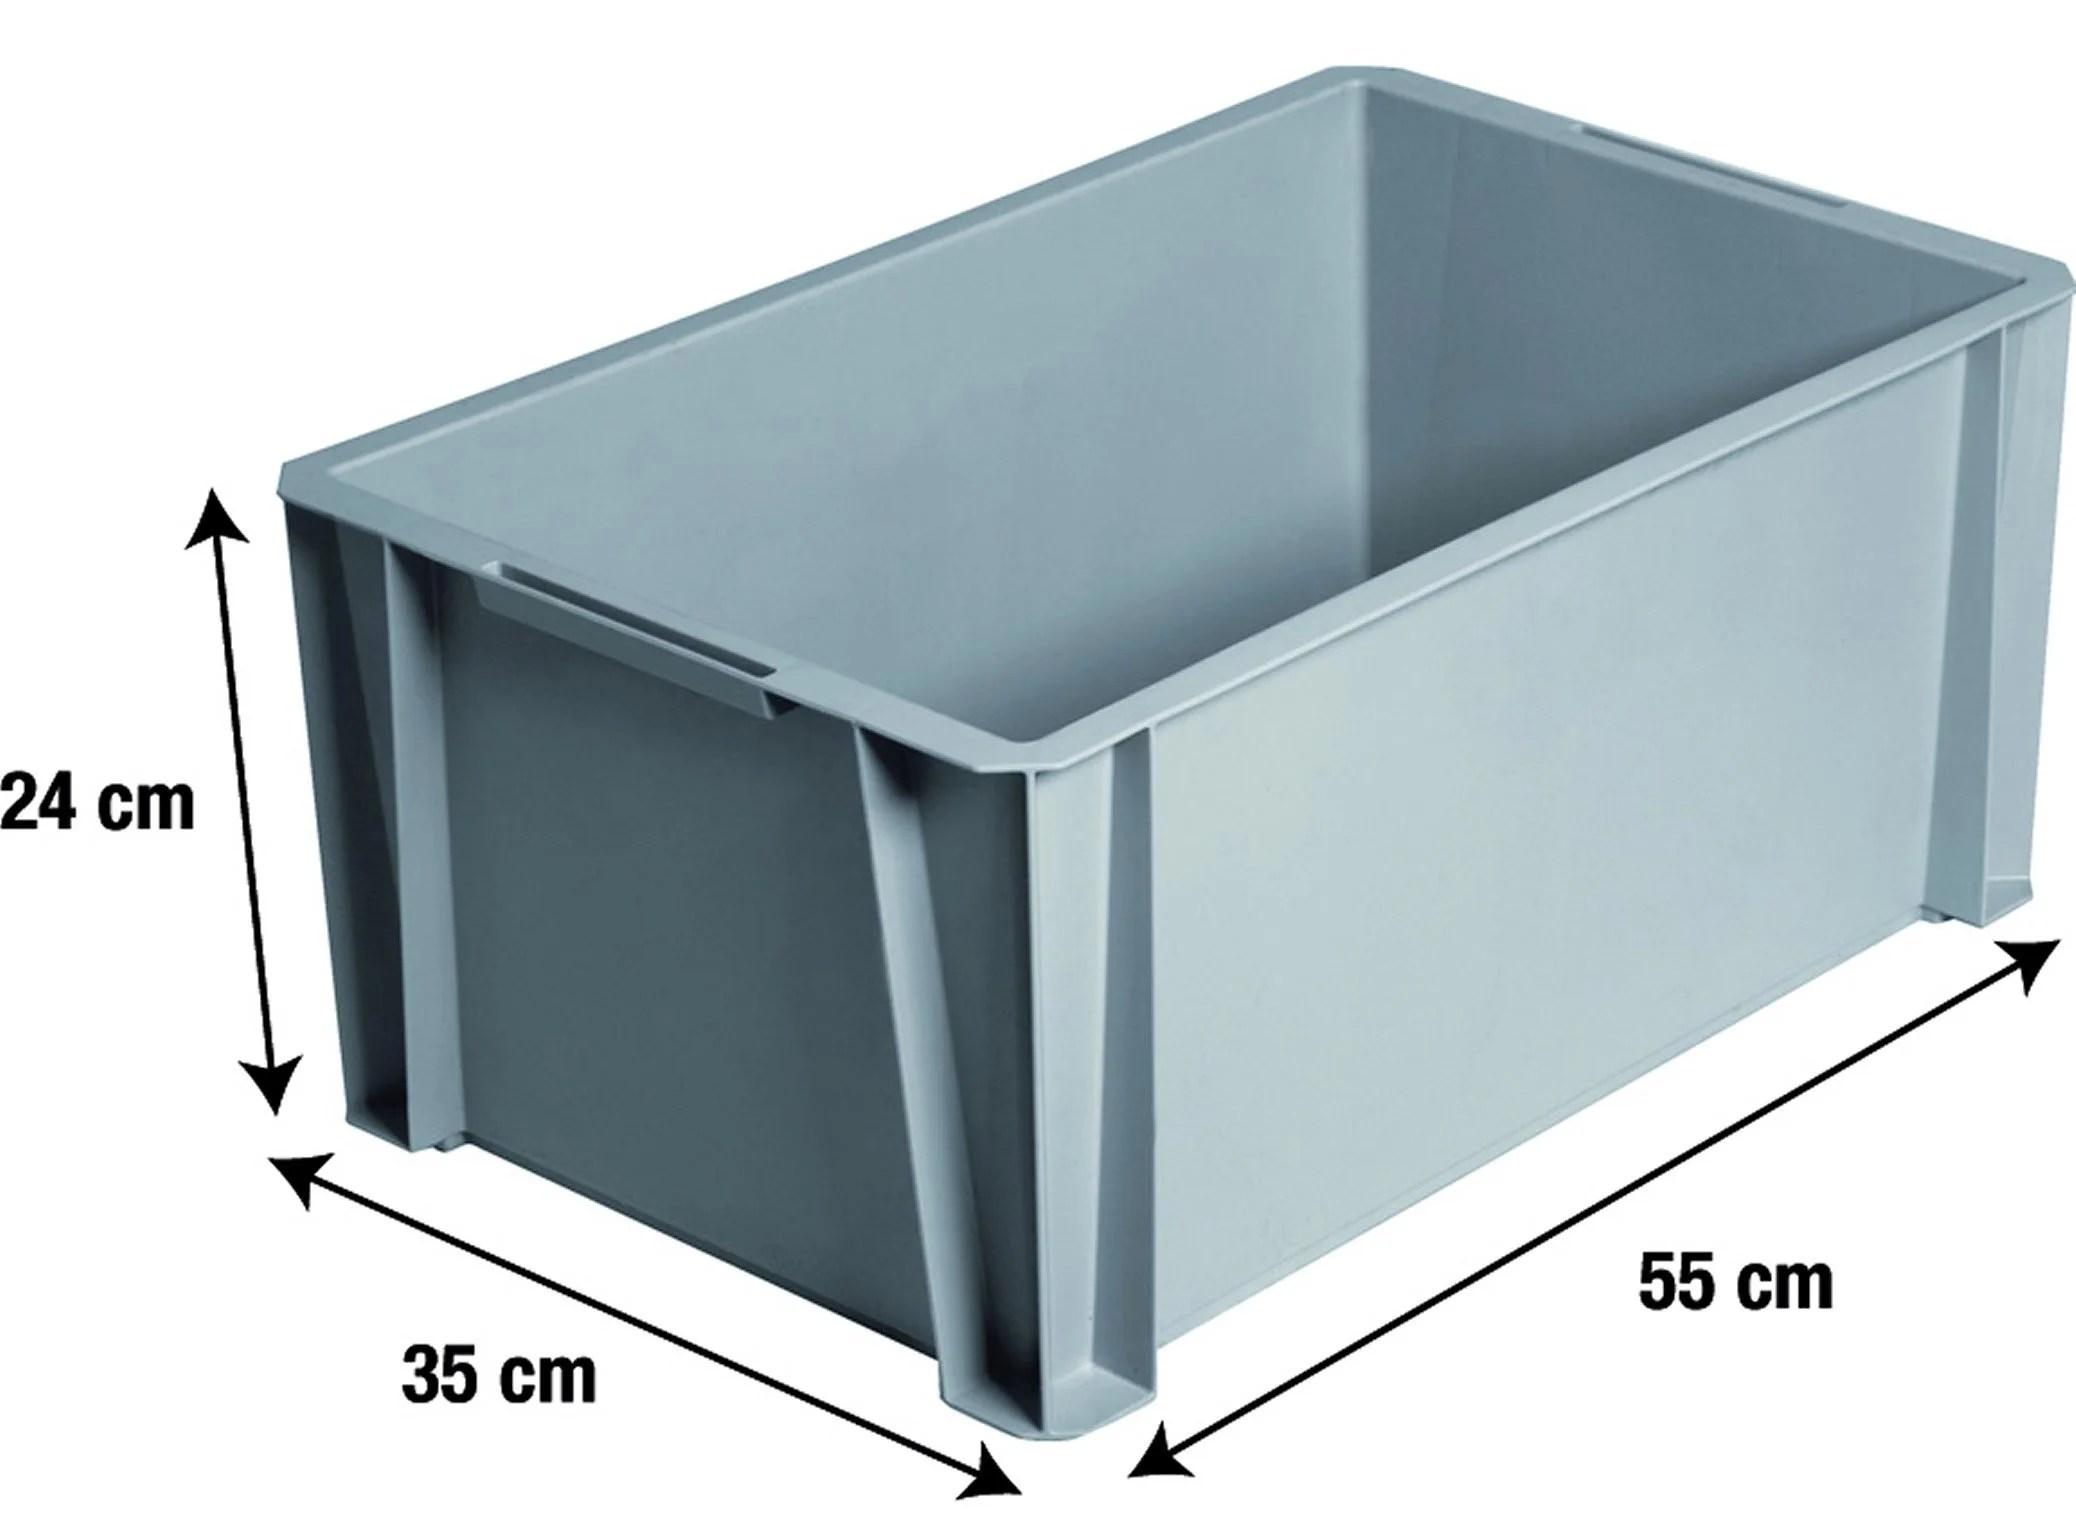 Bac De Manutention Iris Plastique Gris L 55 X P 35 X H 24 5 Cm Cm 36 L Leroy Merlin